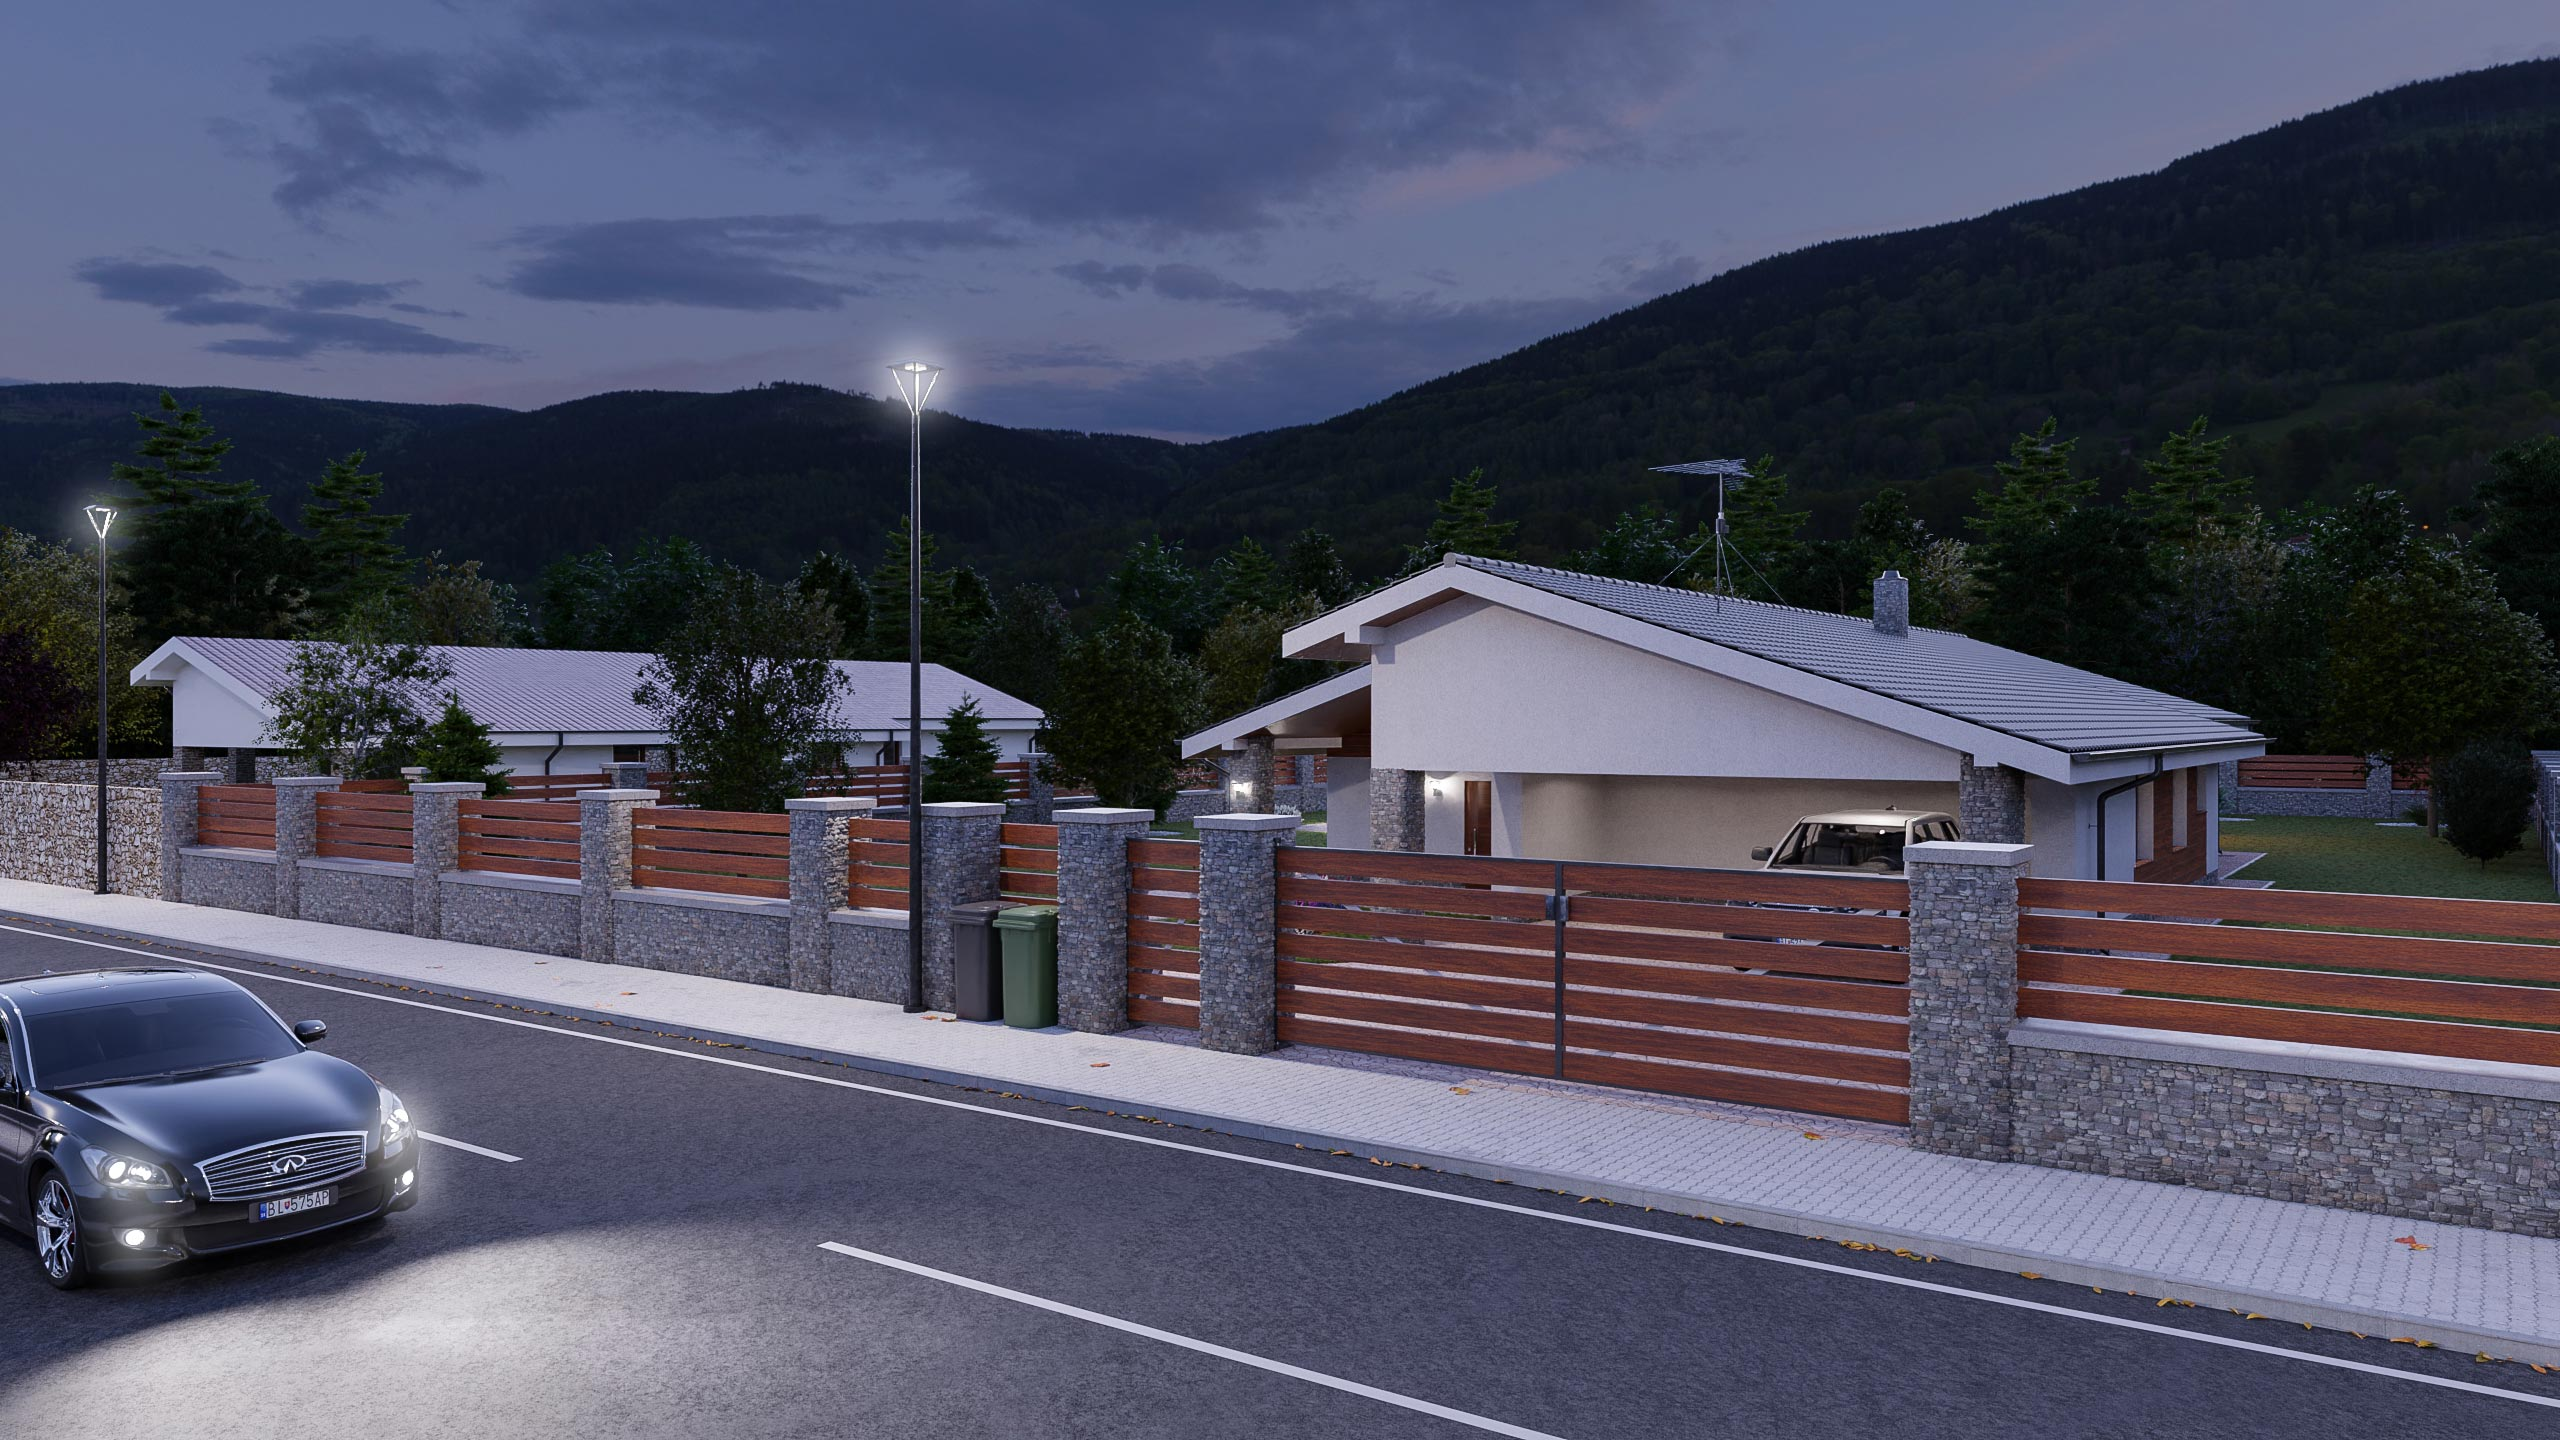 idea3d - vizualizácia rodinný dom 120m2 - večer 5